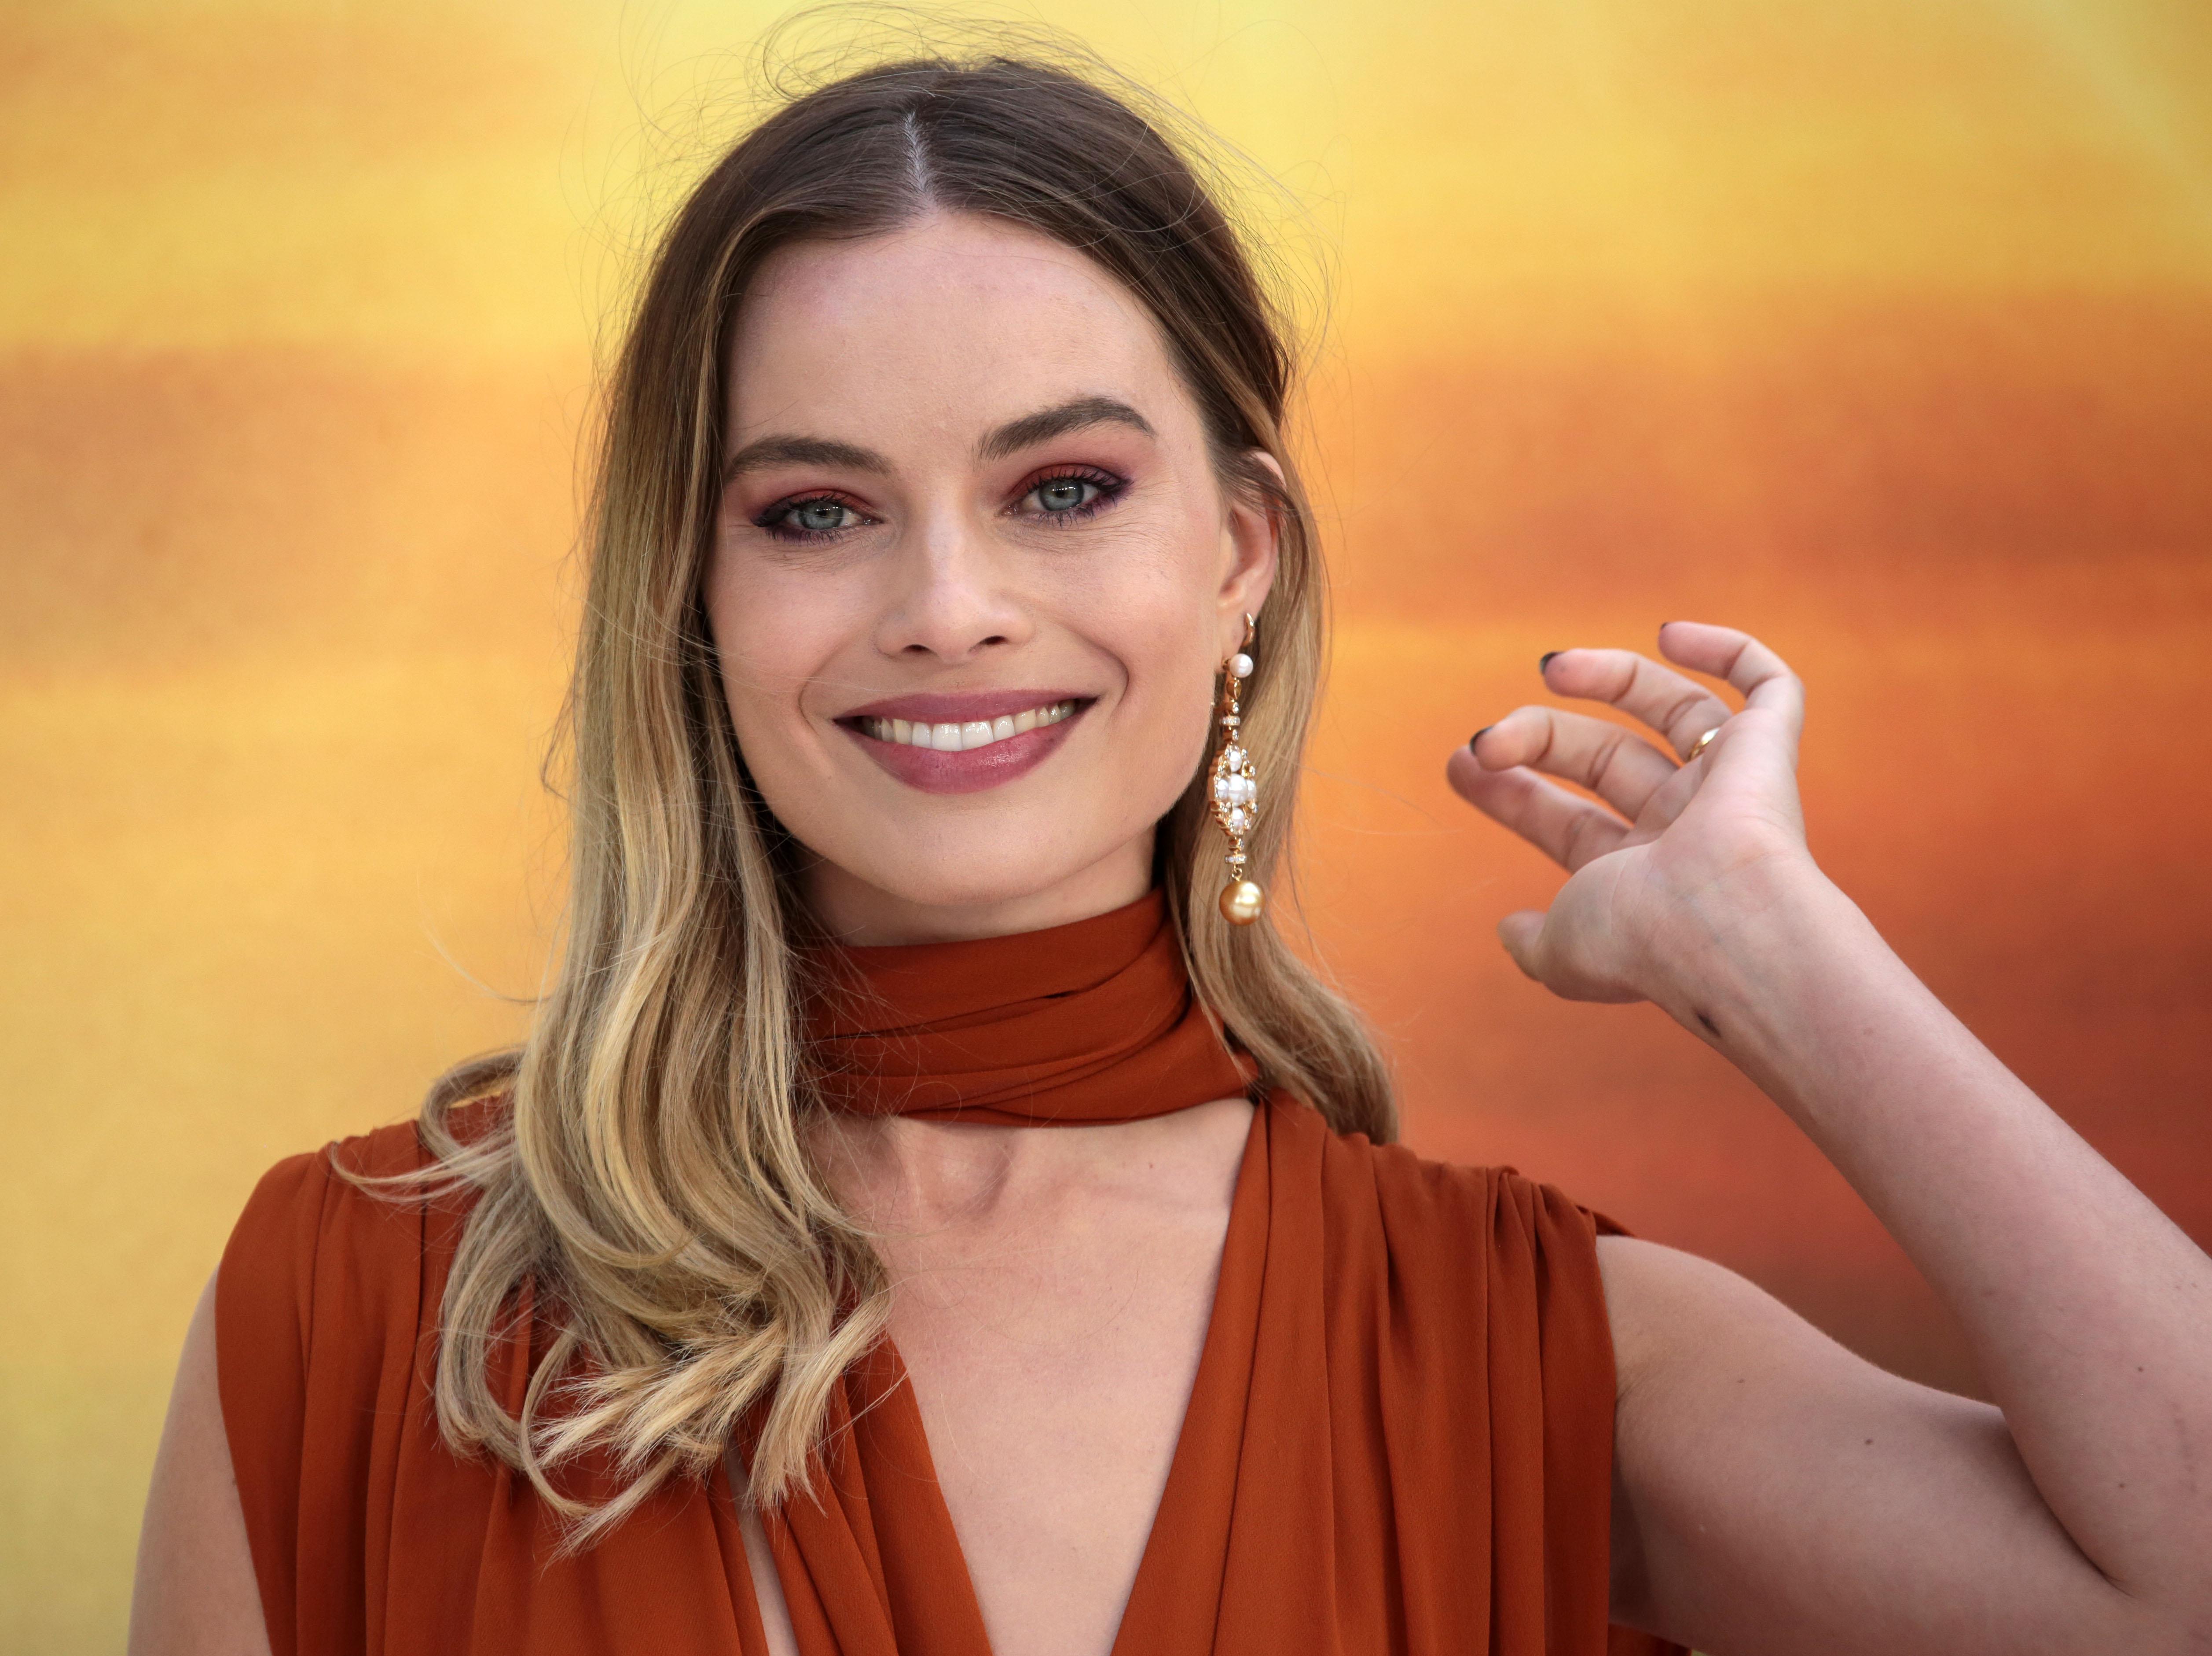 Δεν περιμέναμε ποτέ ότι αυτό το βερνίκι που επέλεξε η Margot Robbie θα έδειχνε τόσο καλοκαιρινό!